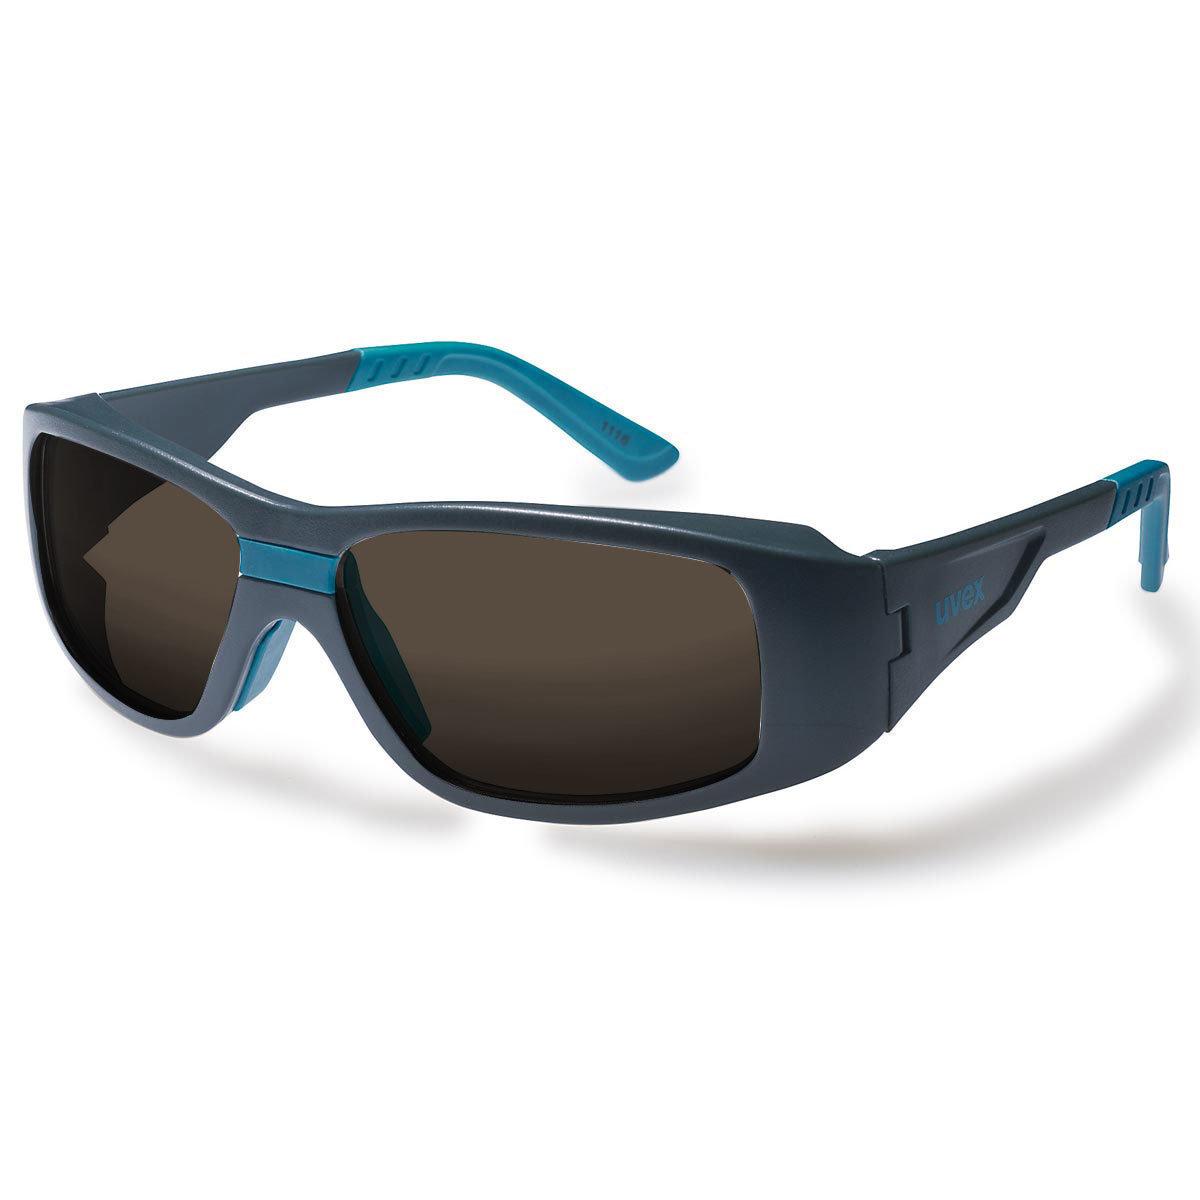 Carhartt bril diverse kleuren - braun getönt